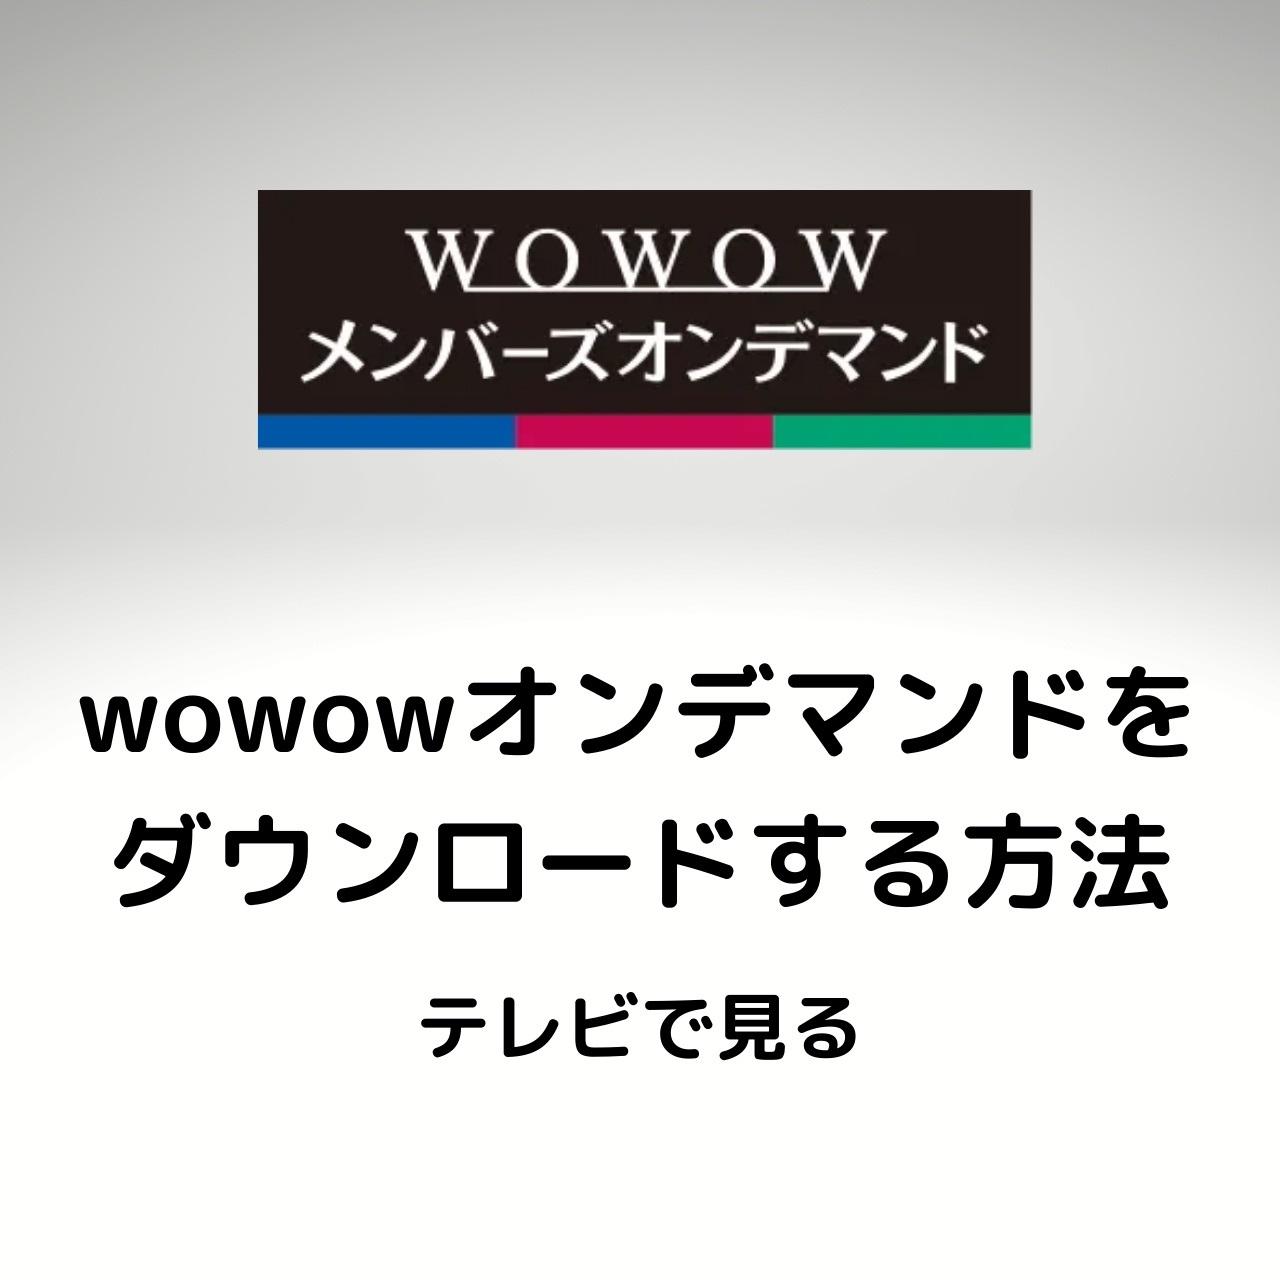 wowowオンデマンドをダウンロードする方法 テレビで見る